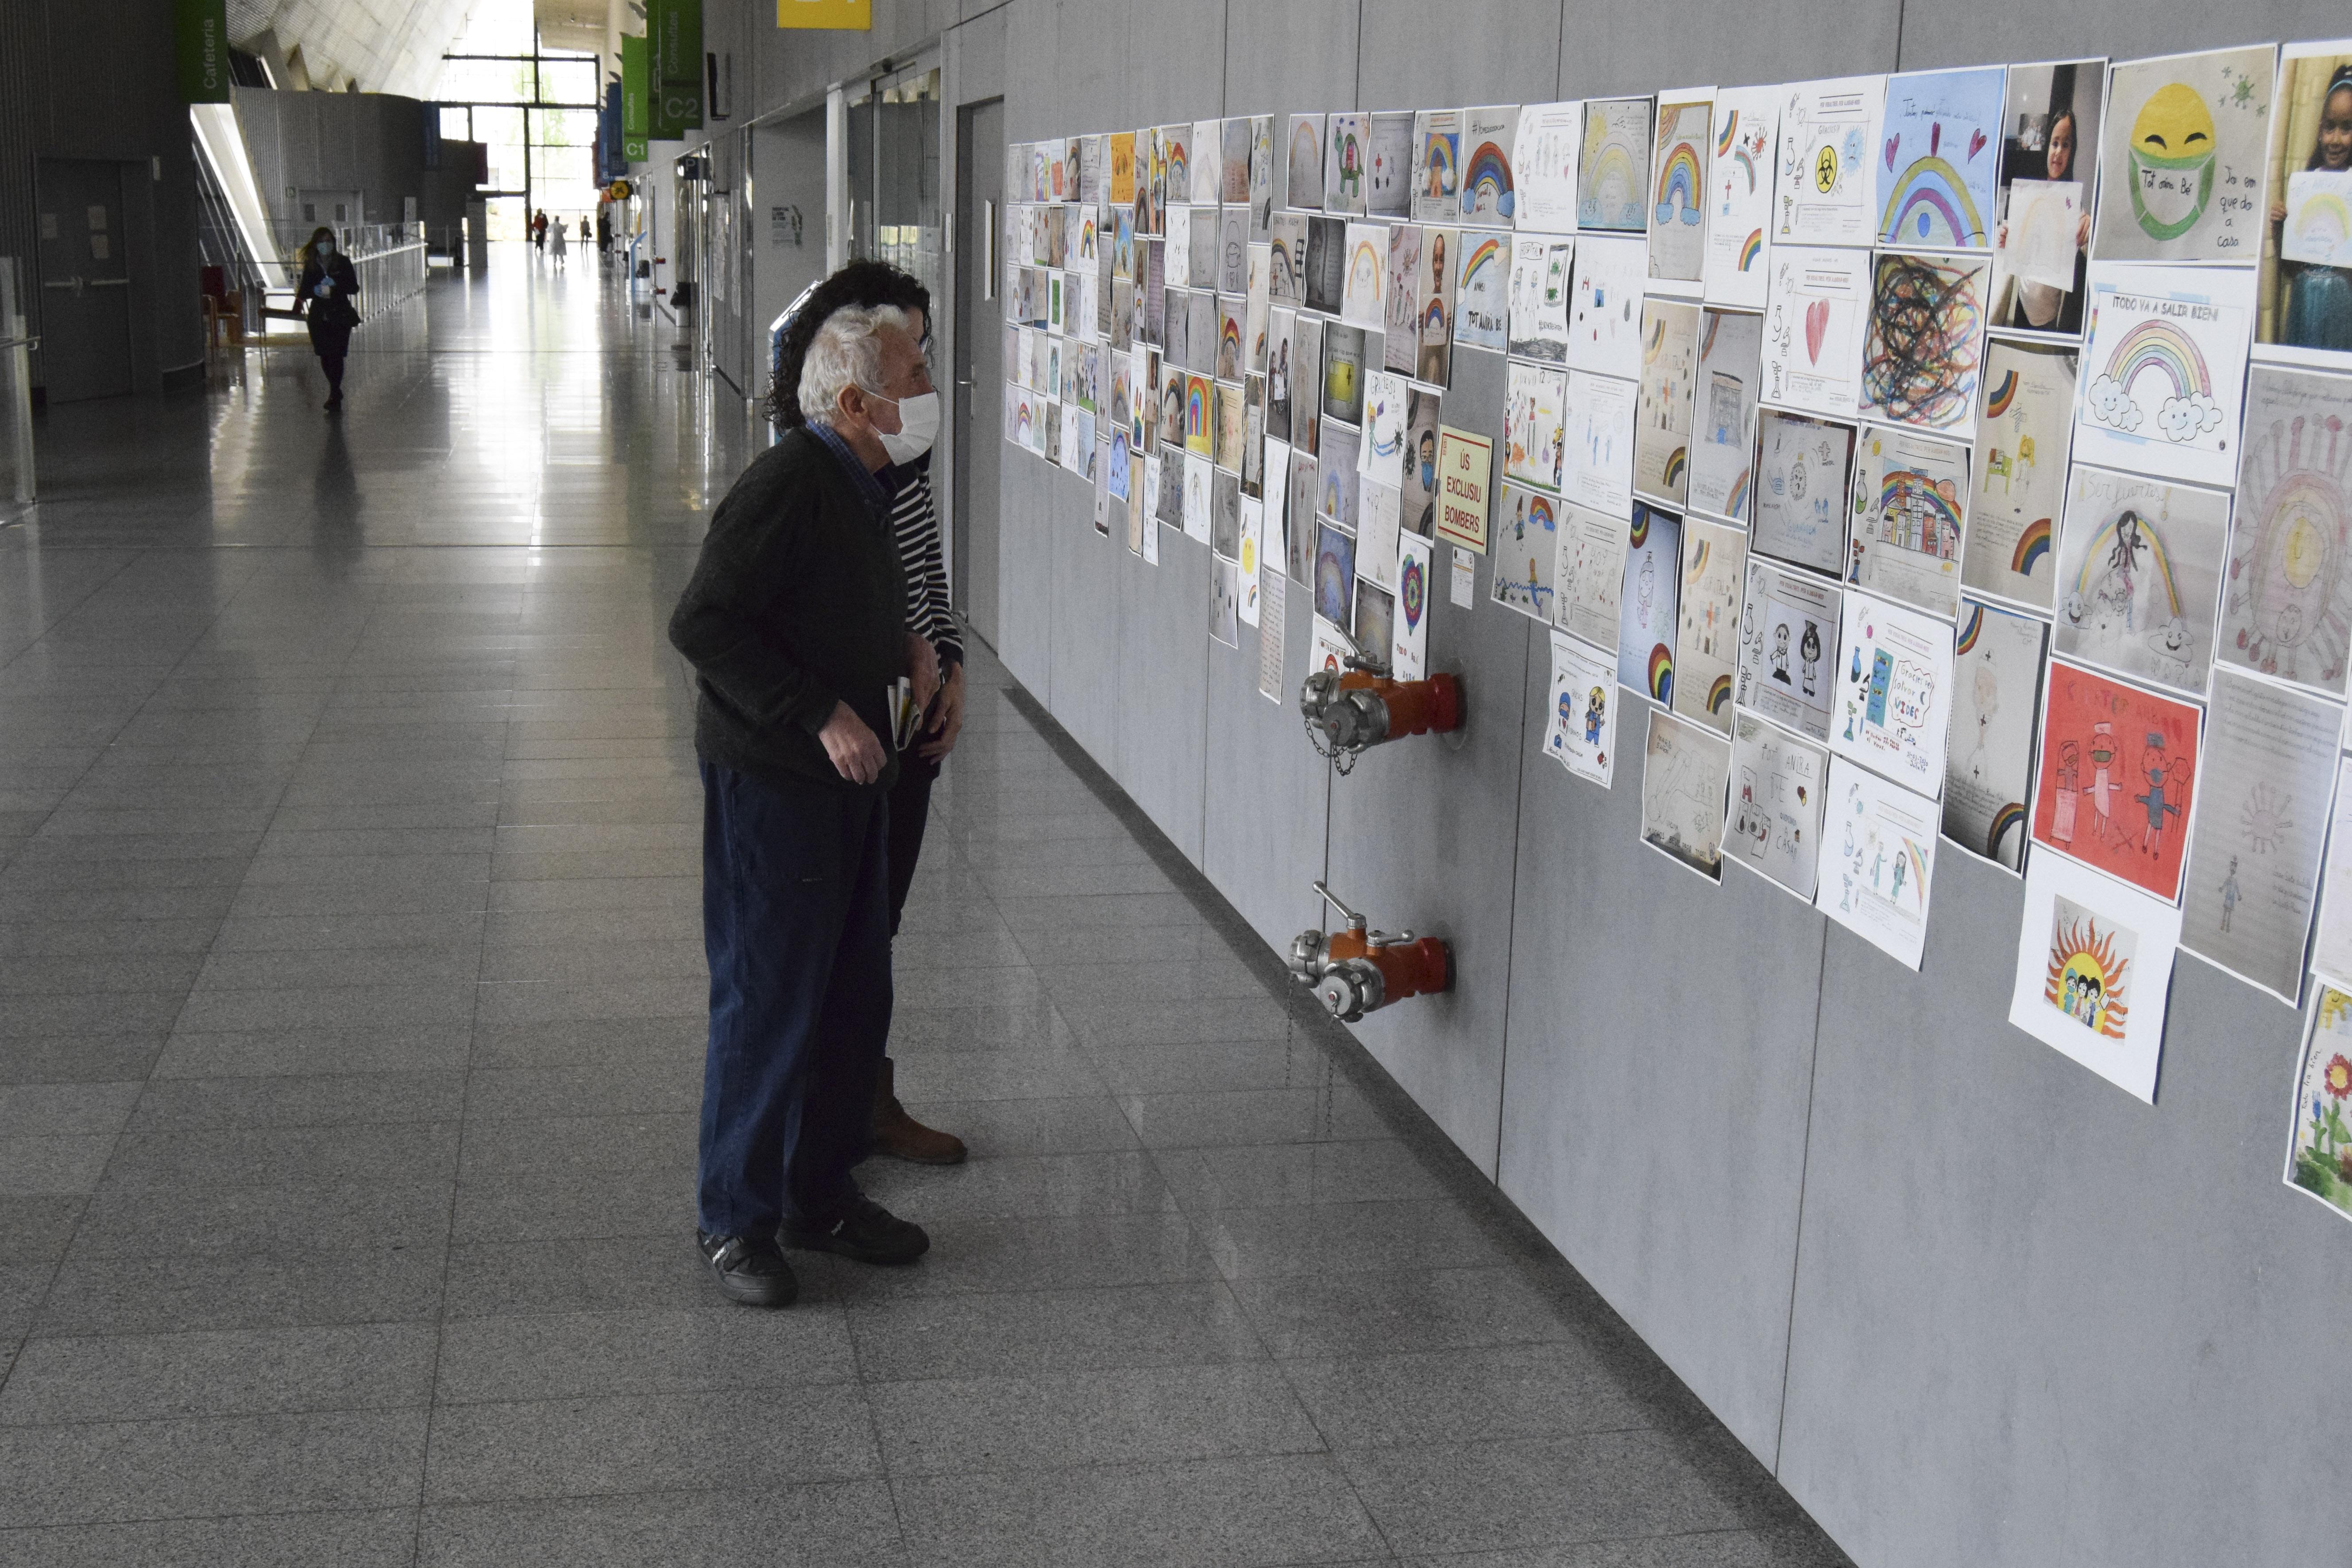 L'Hospital Universitari Sant Joan de Reus fa donació de la documentació recollida en el marc de la campanya